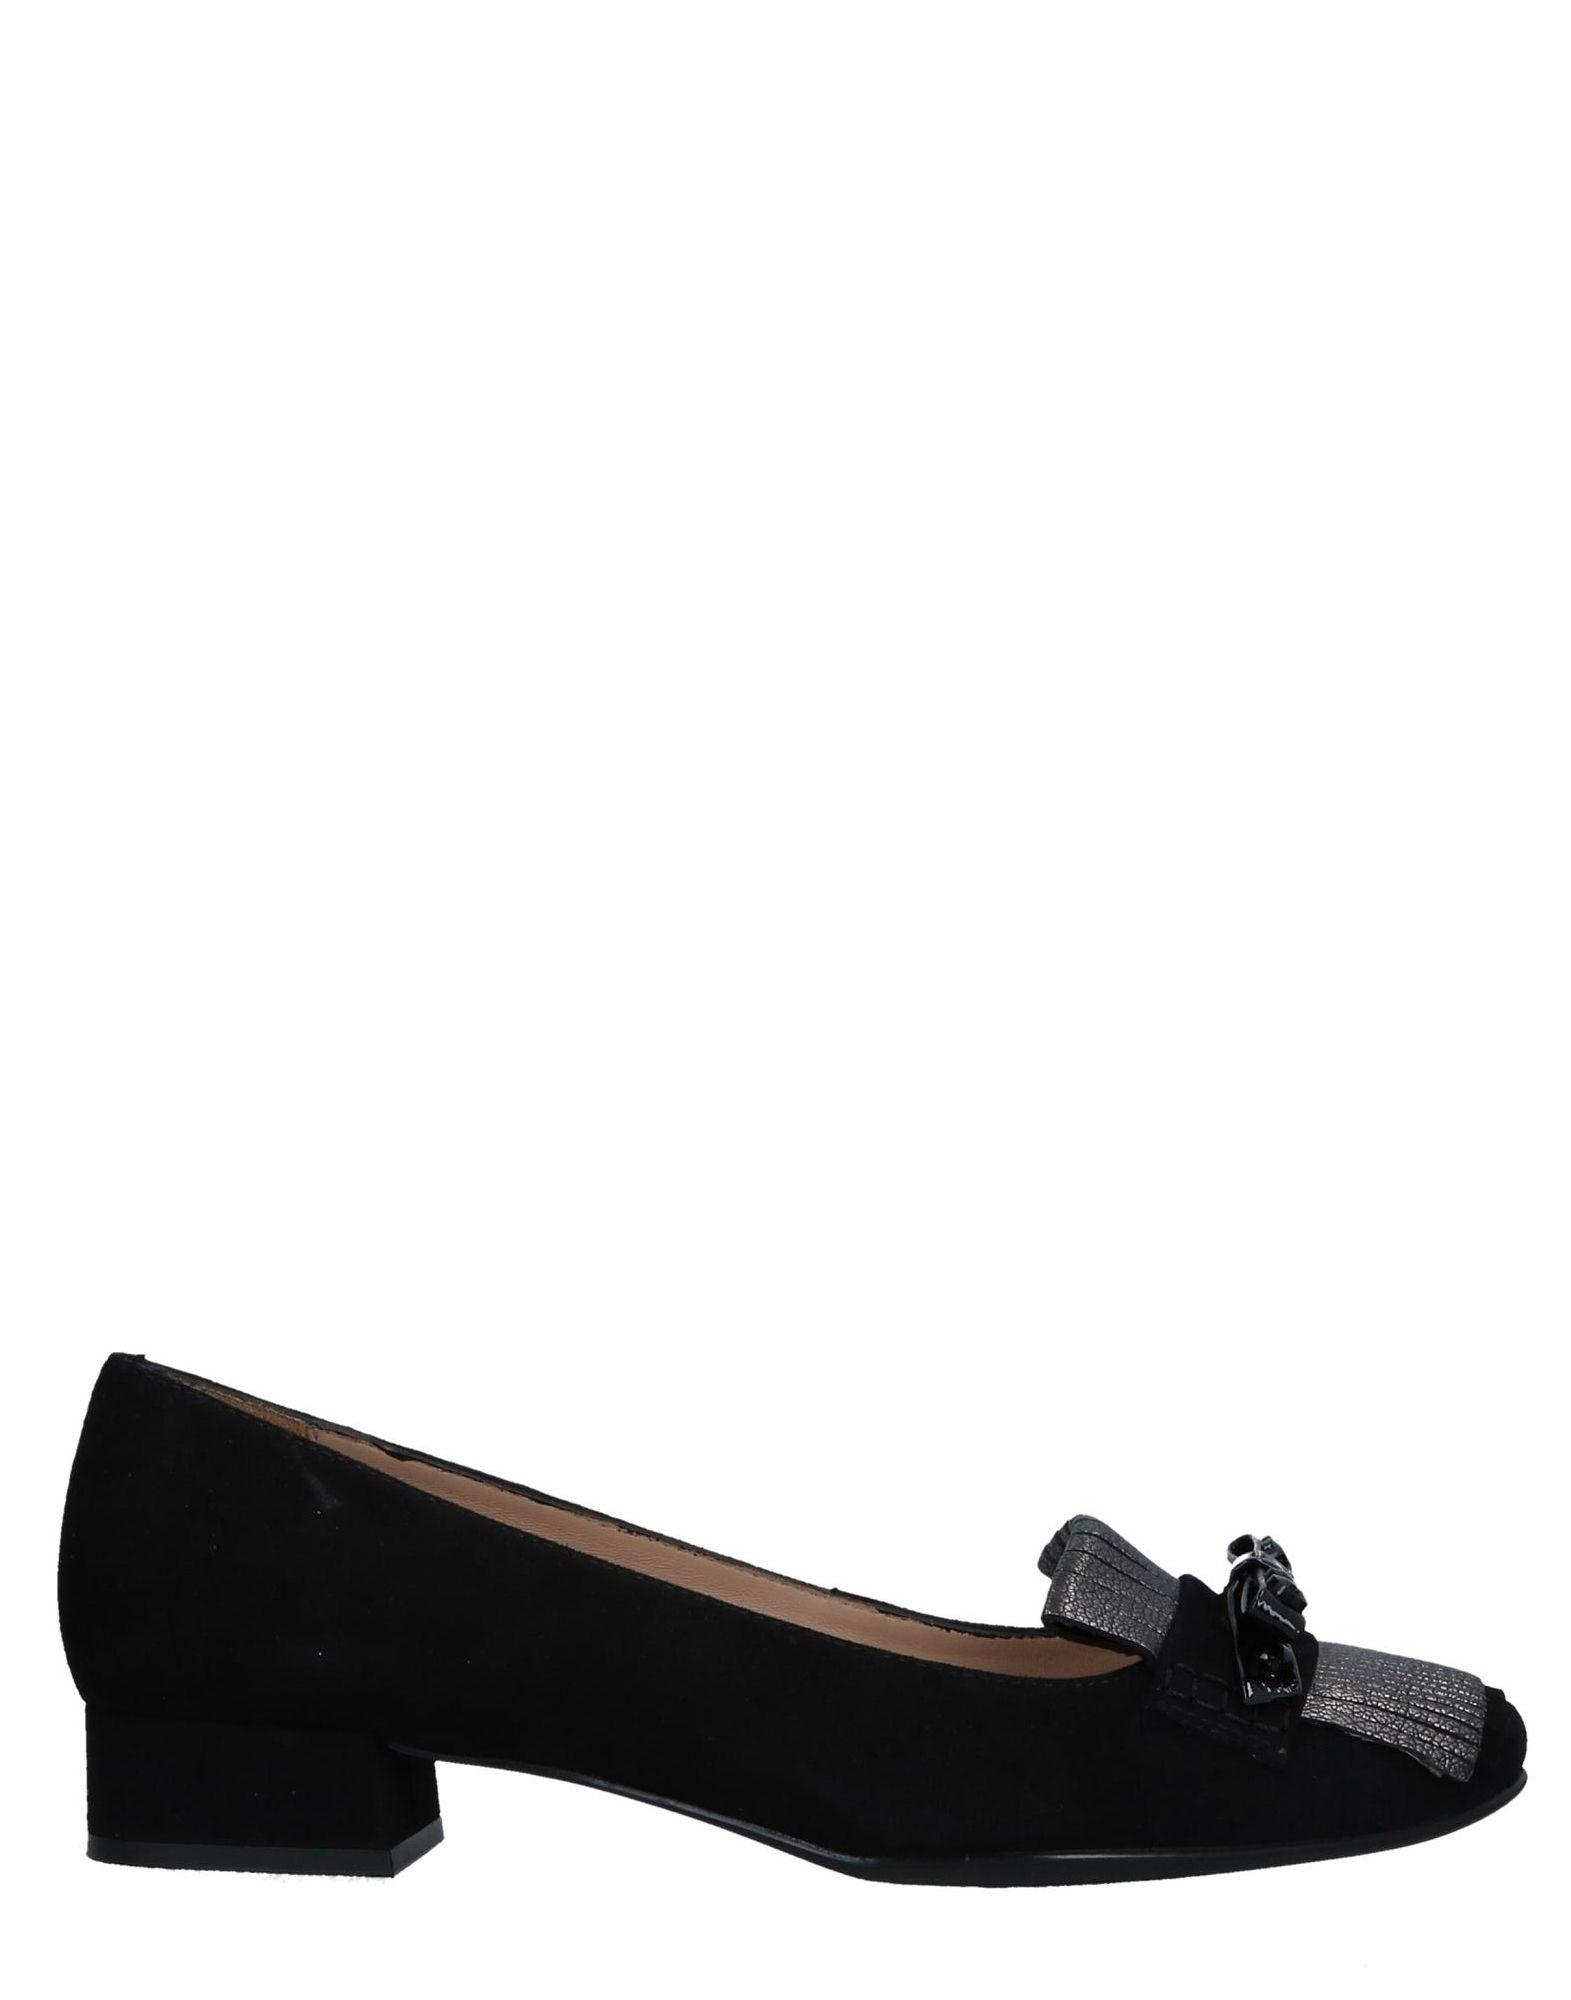 Unisa Mokassins Damen  11514800RS Gute Qualität beliebte Schuhe